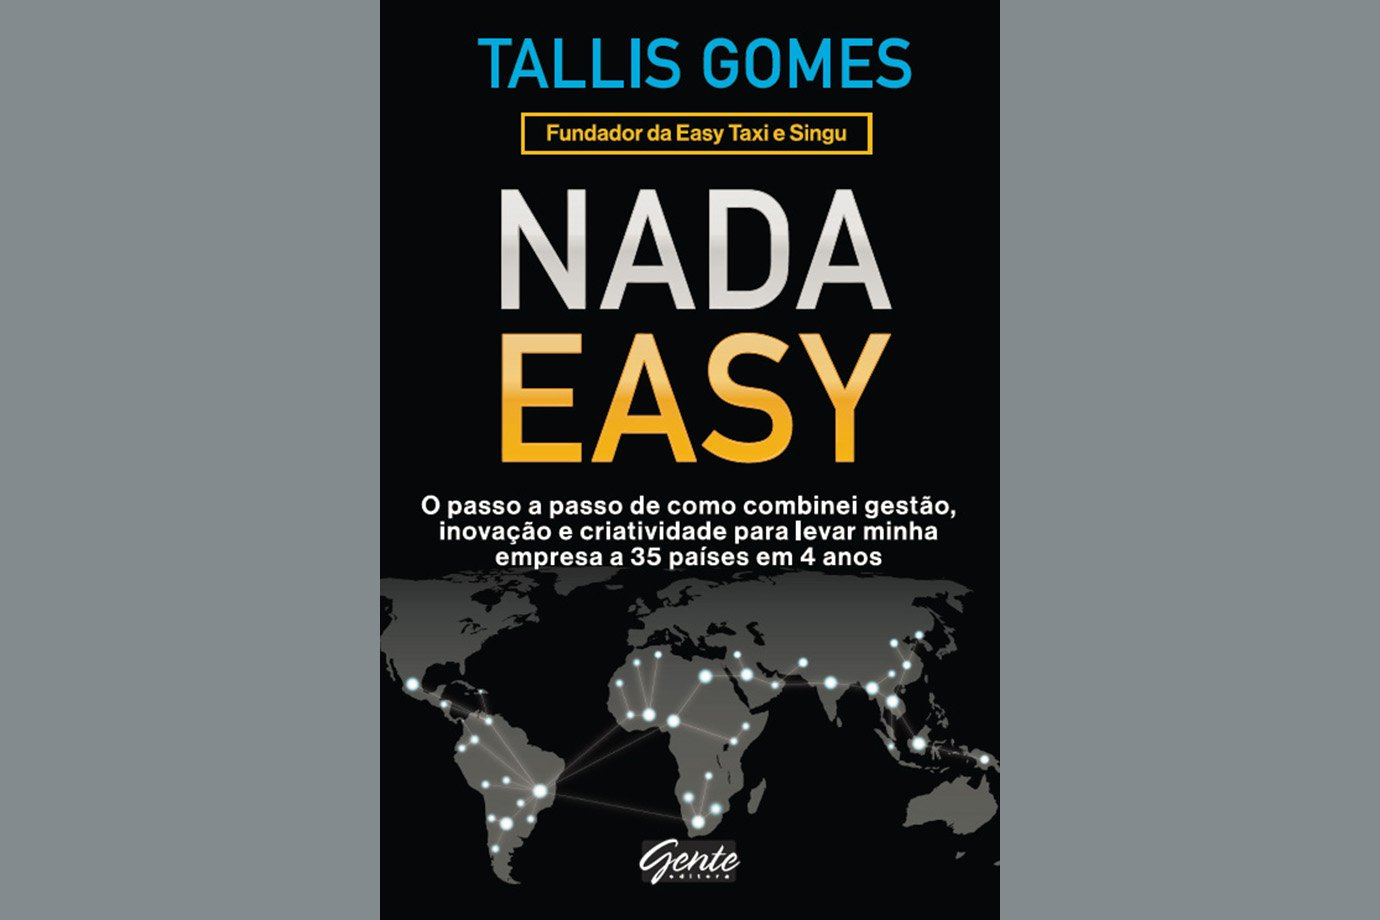 Nada Easy, de Tallis Gomes